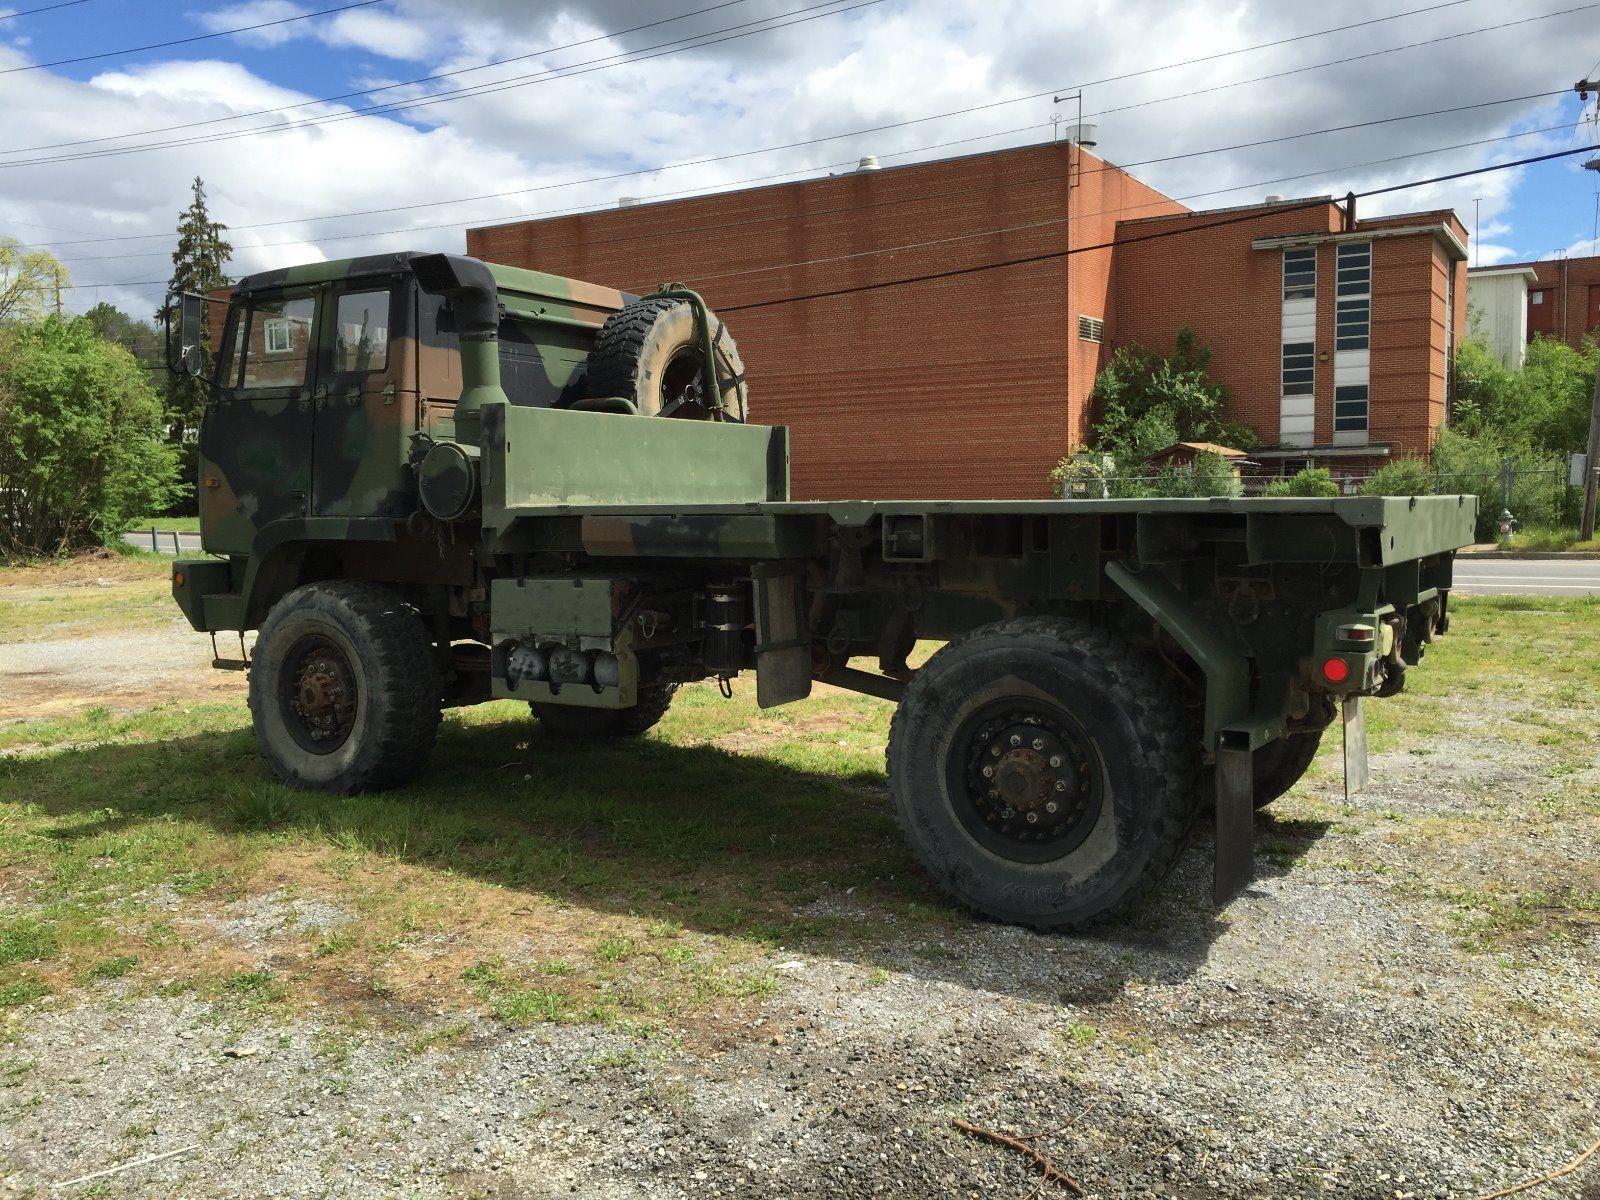 stewart stevenson m1081 4 4 cargo truck for sale. Black Bedroom Furniture Sets. Home Design Ideas